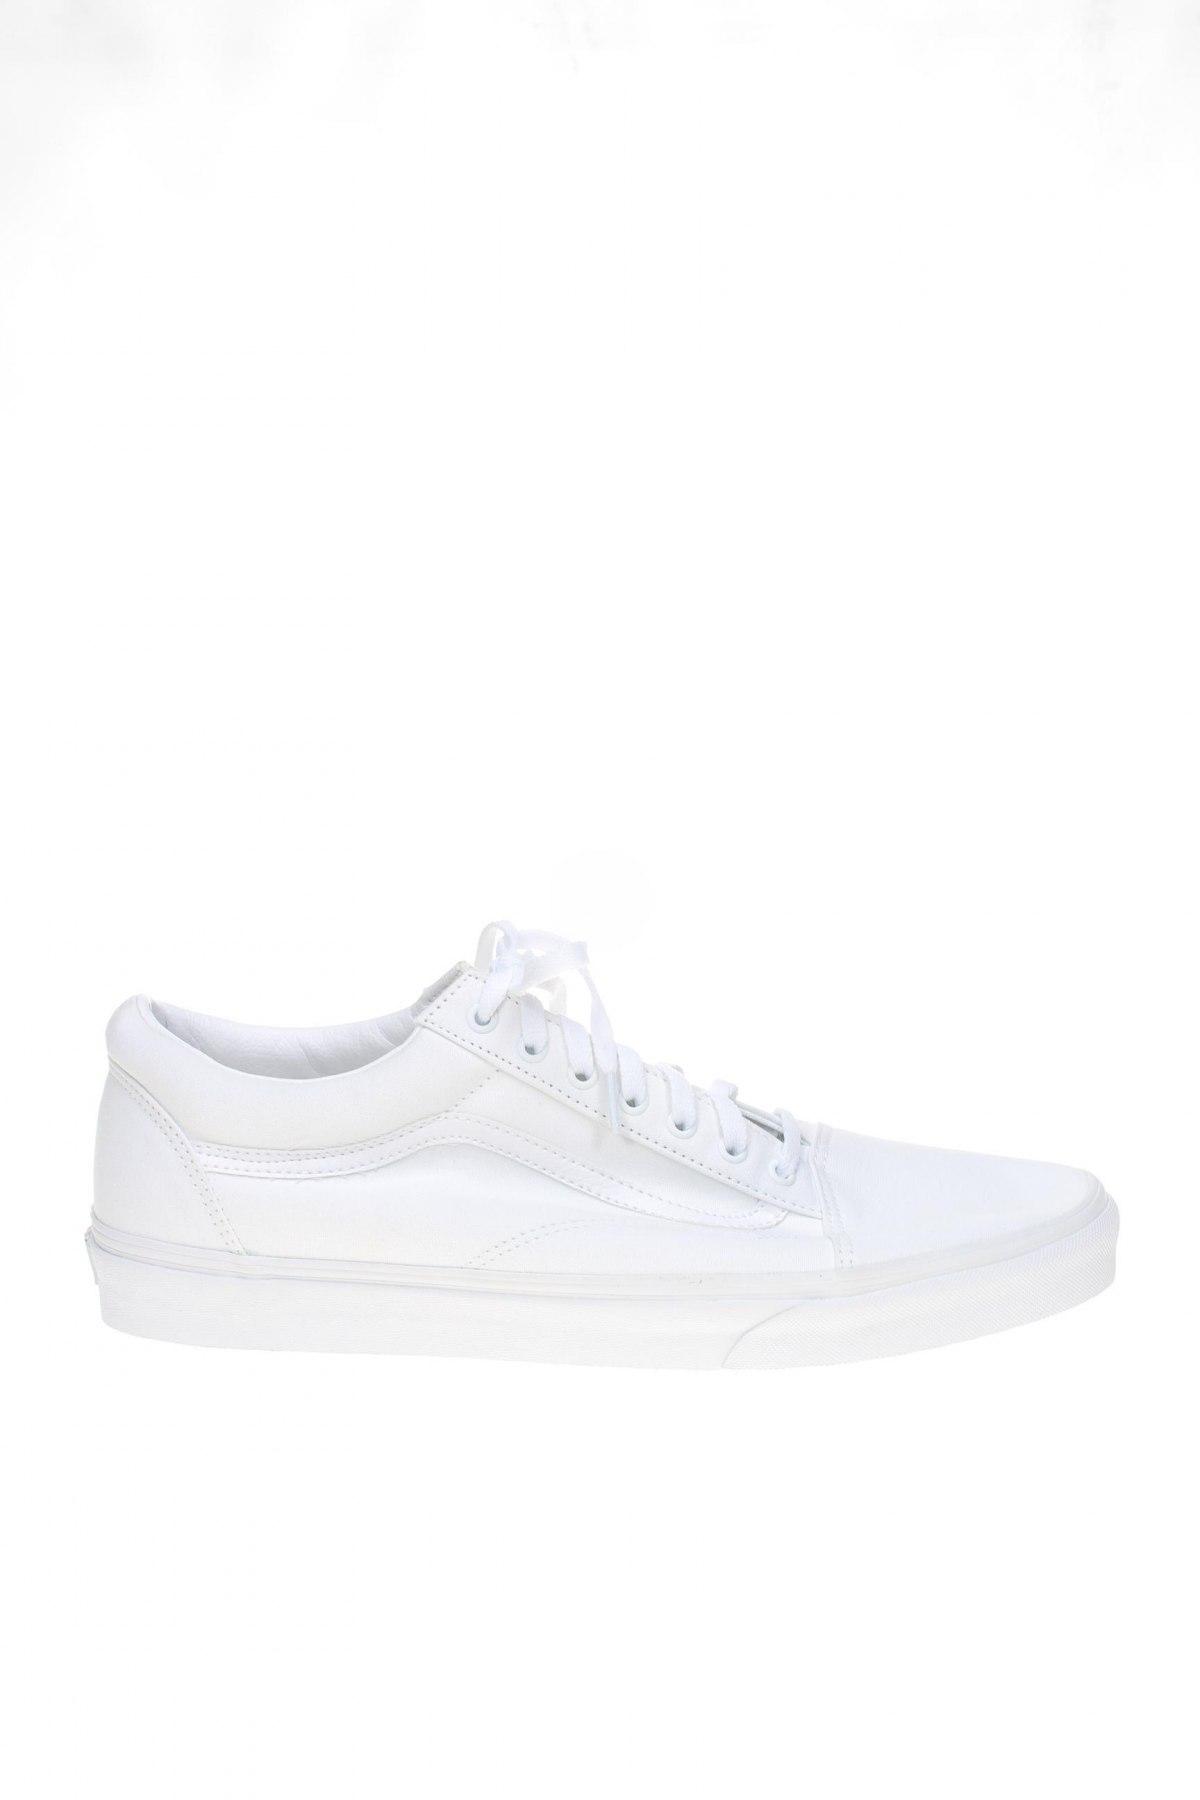 Ανδρικά παπούτσια Vans, Μέγεθος 50, Χρώμα Λευκό, Κλωστοϋφαντουργικά προϊόντα, δερματίνη, Τιμή 46,01€